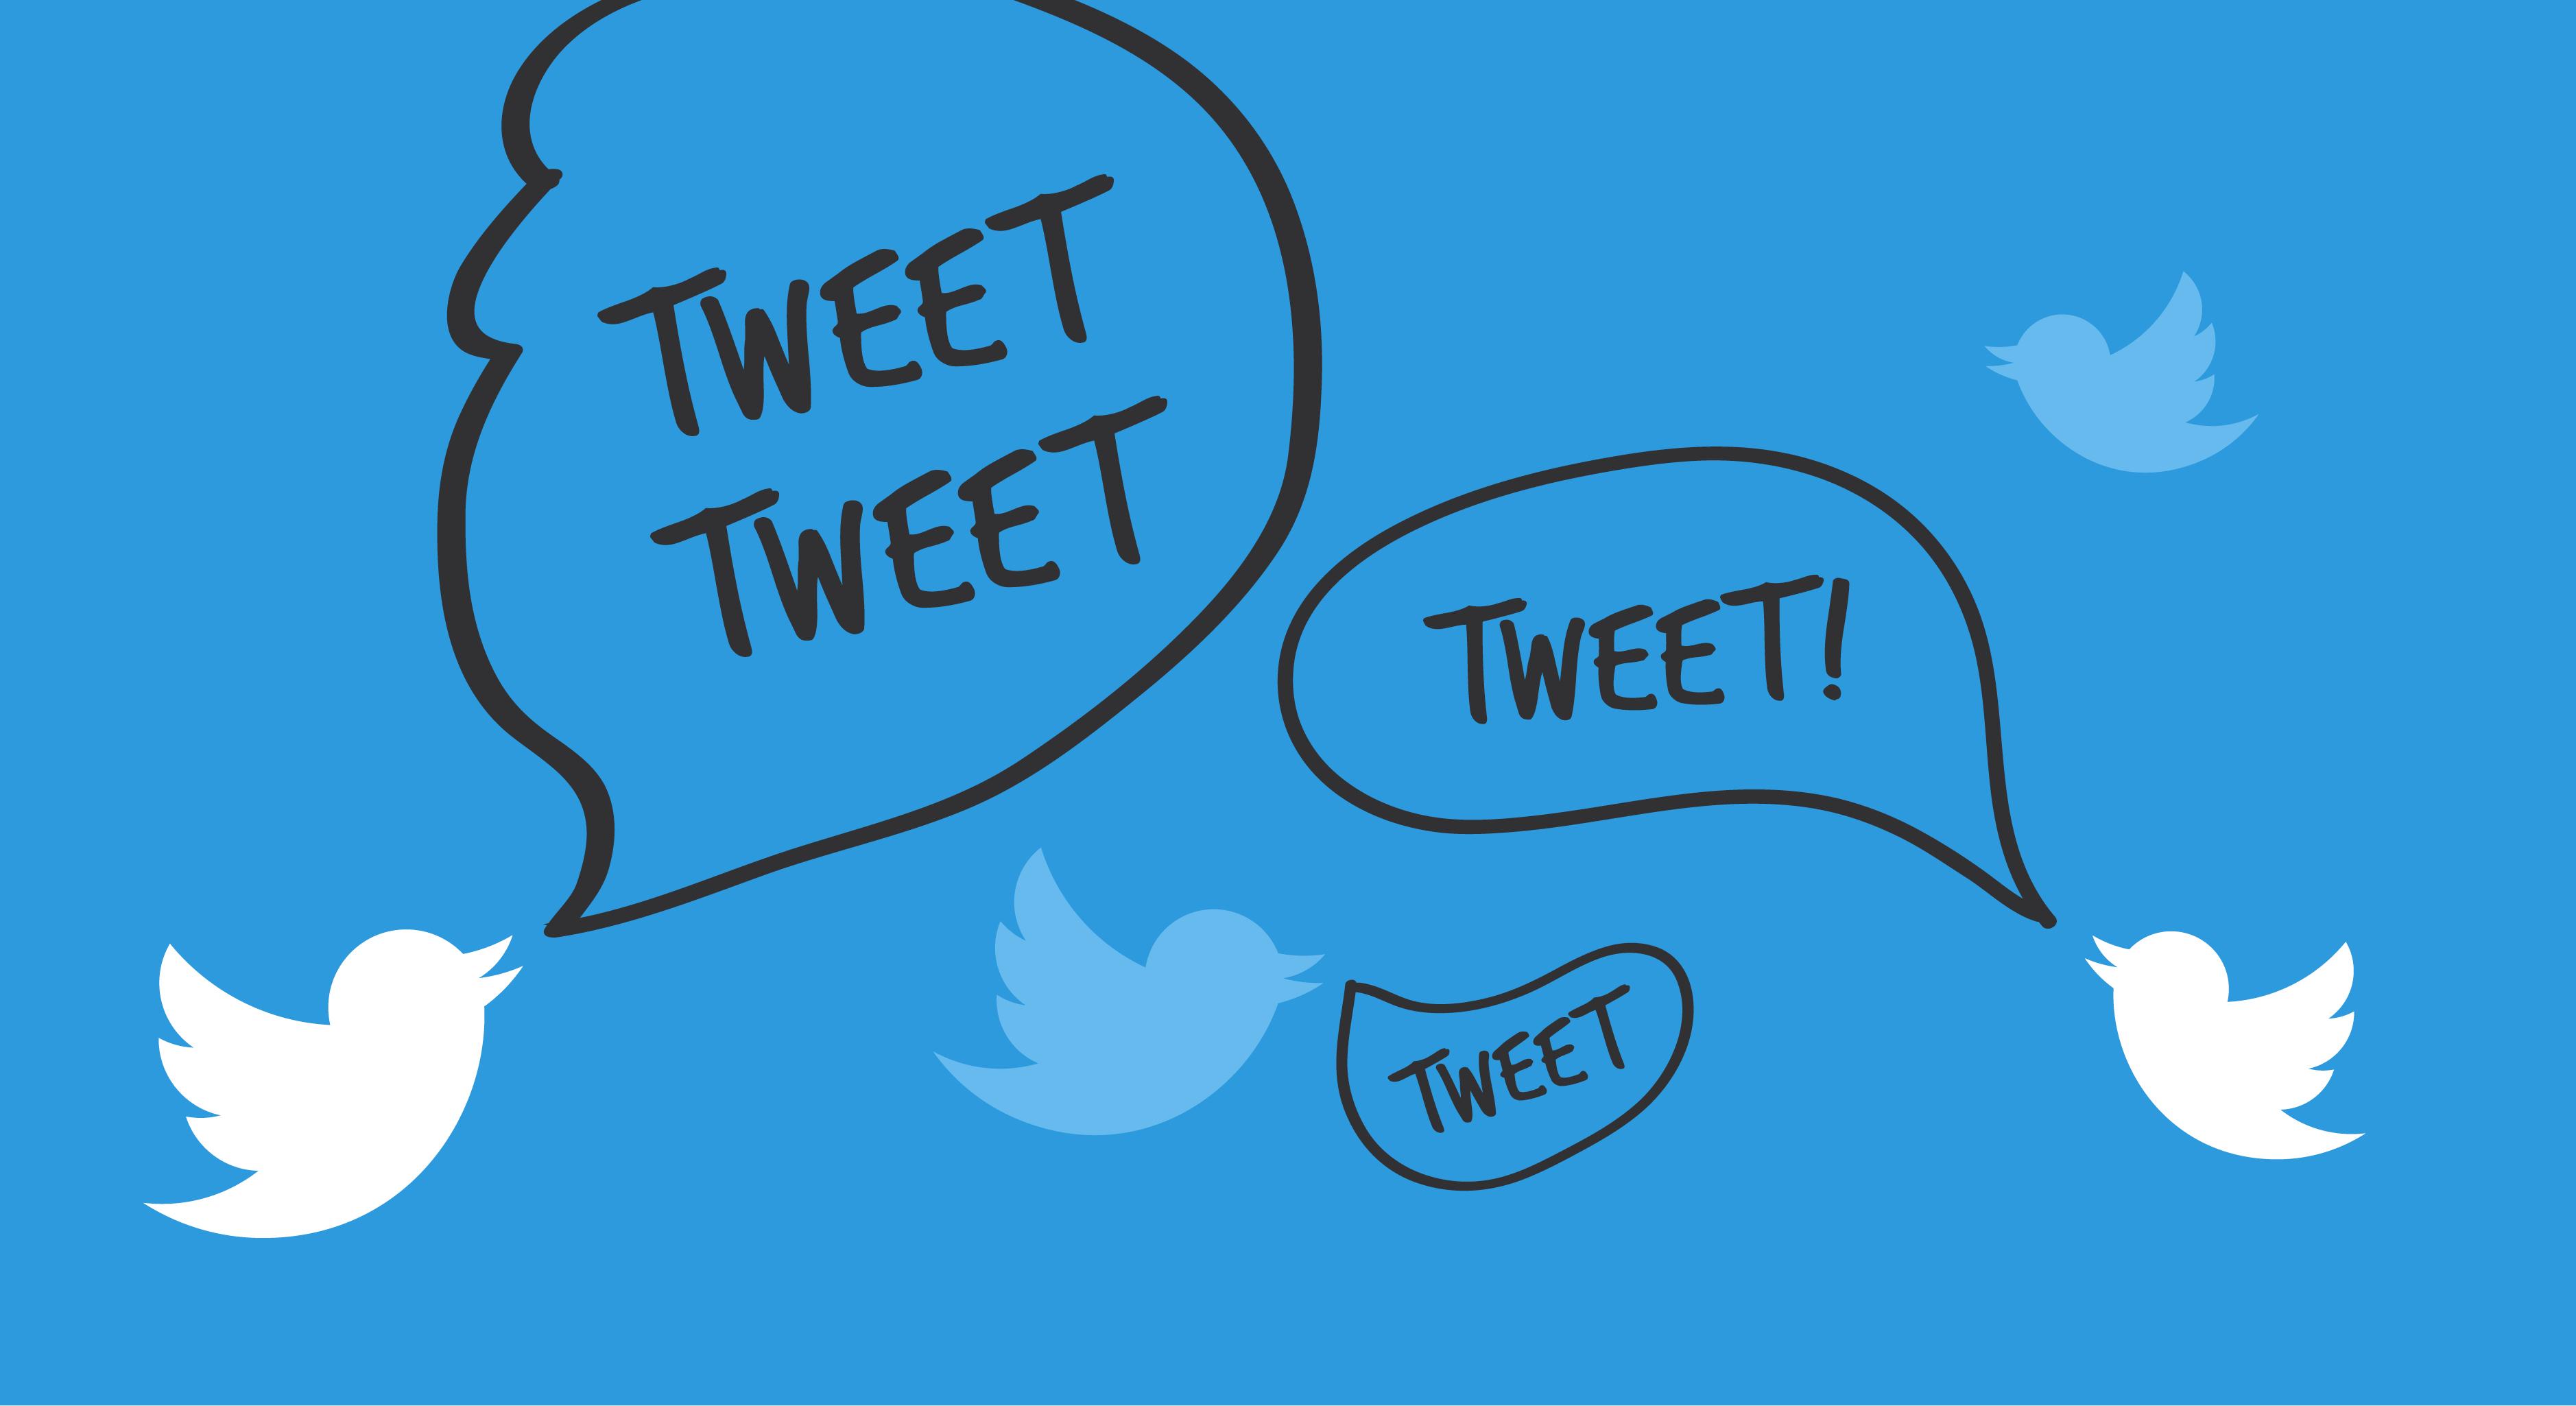 Twitter, Tweet, Jack Dorsey